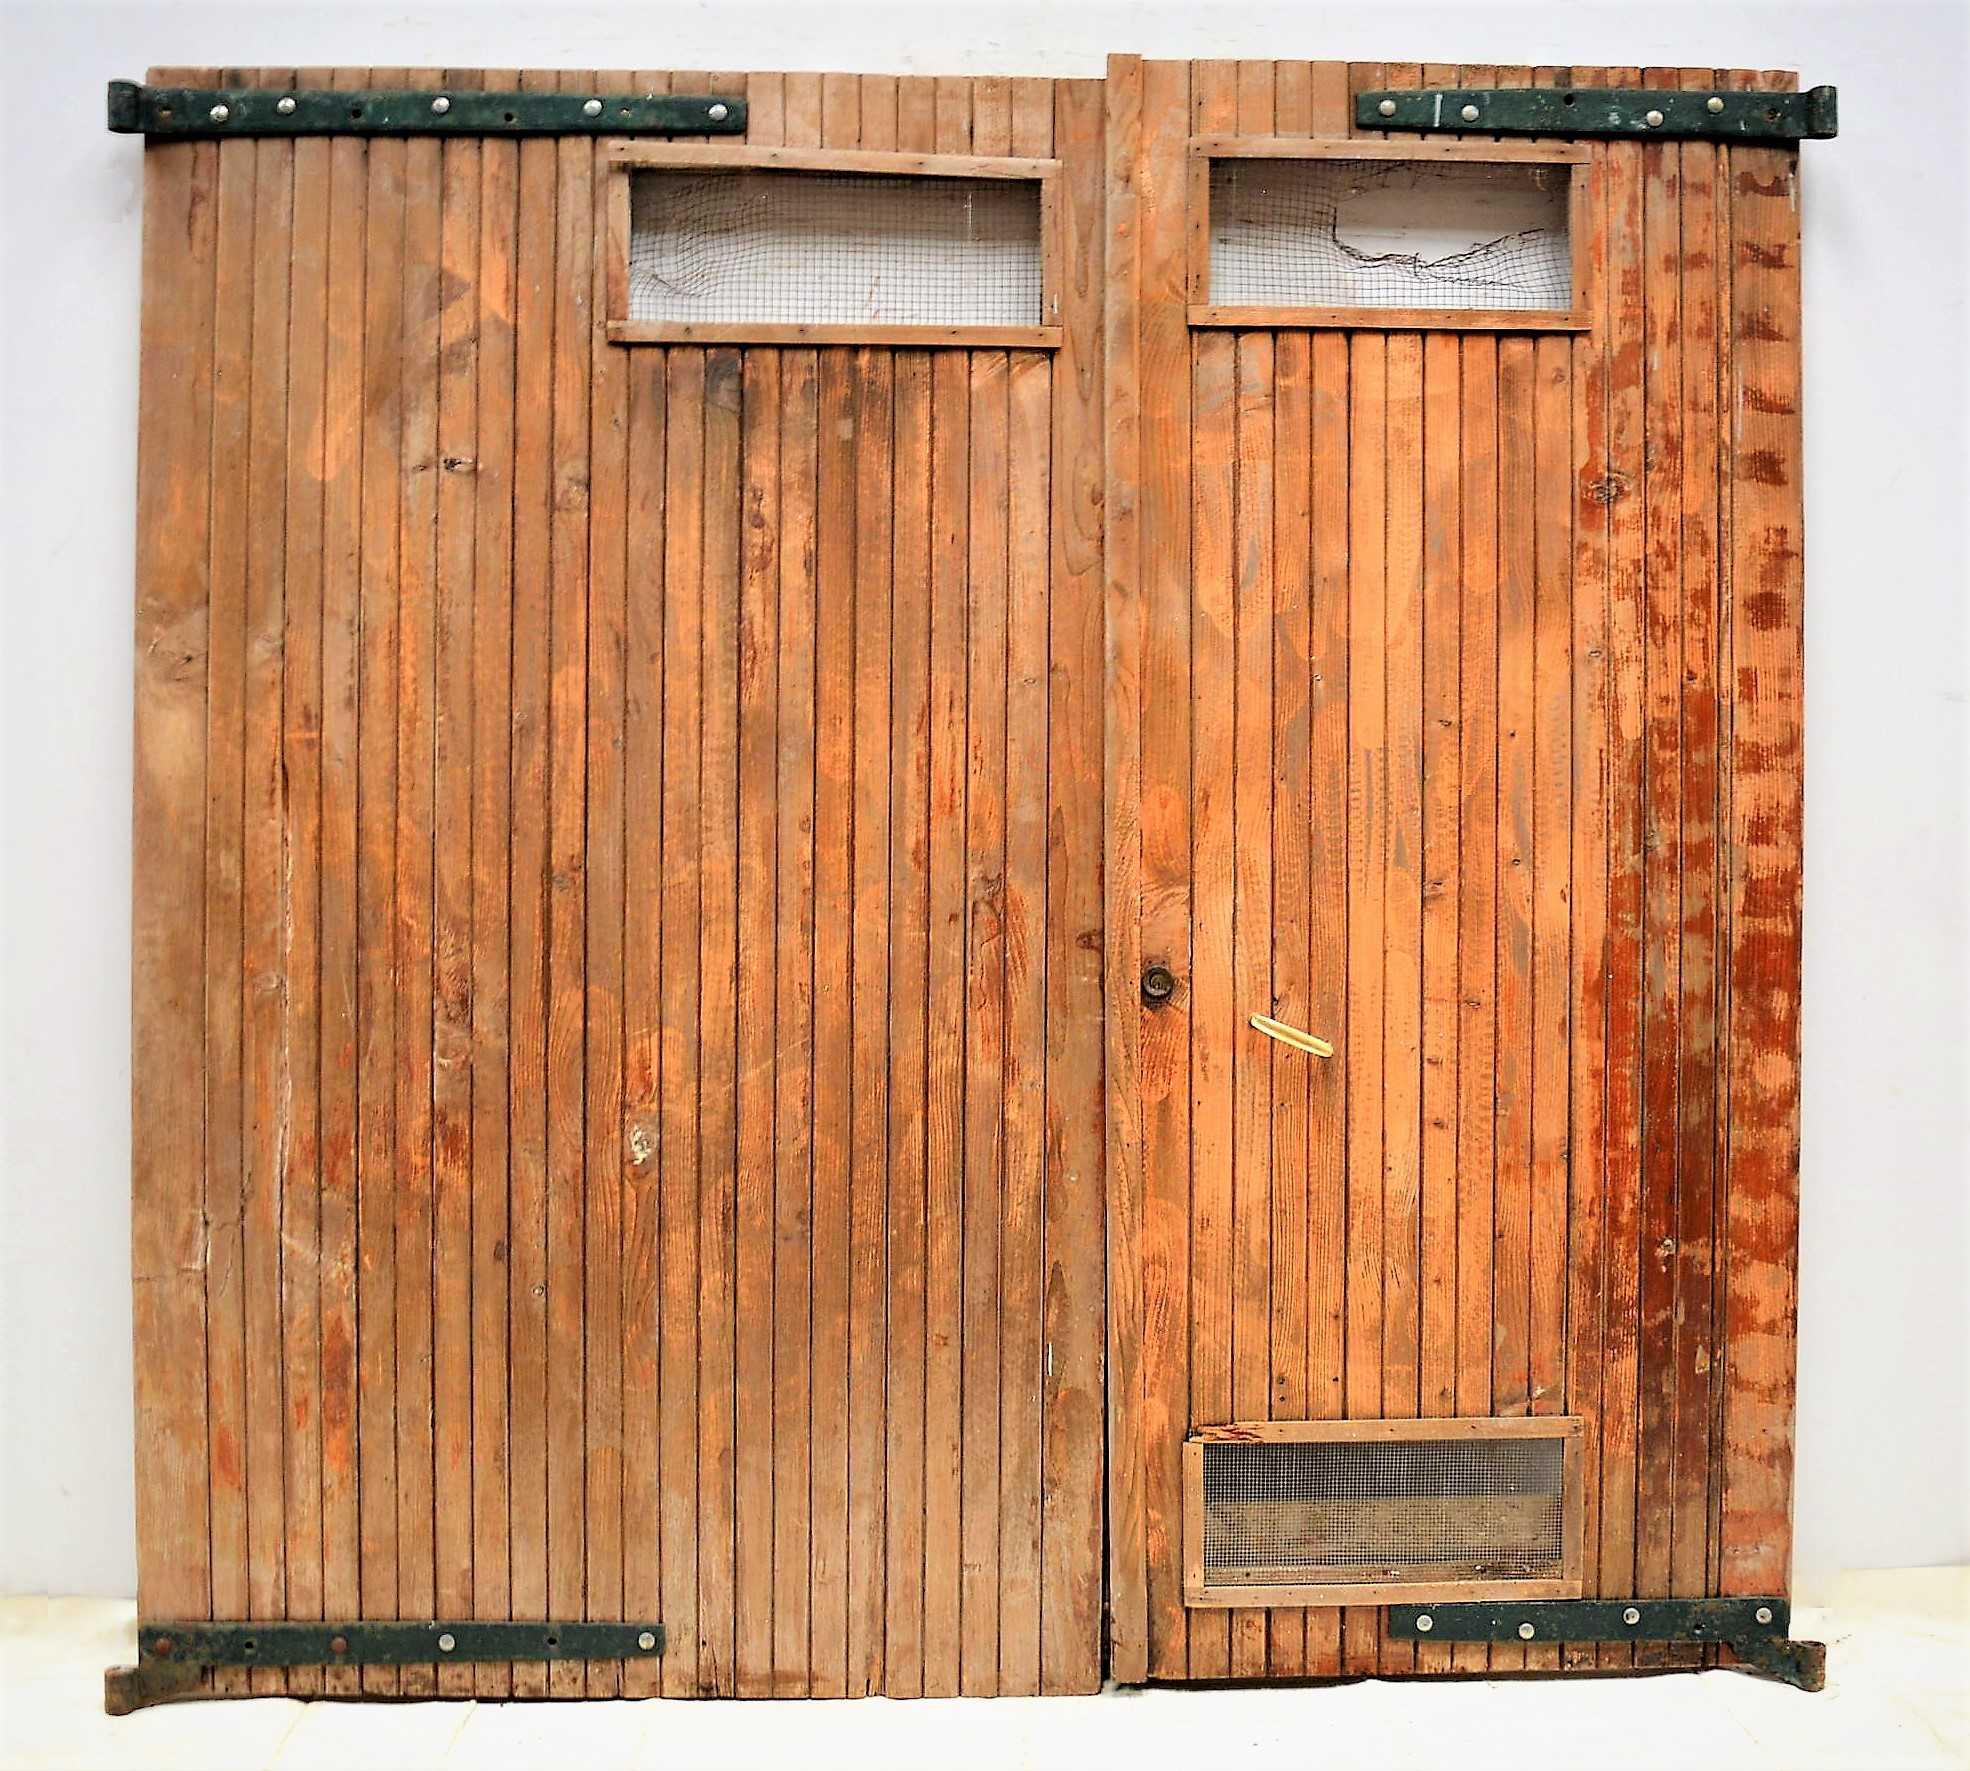 Segunda mano puertas de madera good puertas de entrada de for Puertas de madera exterior de segunda mano